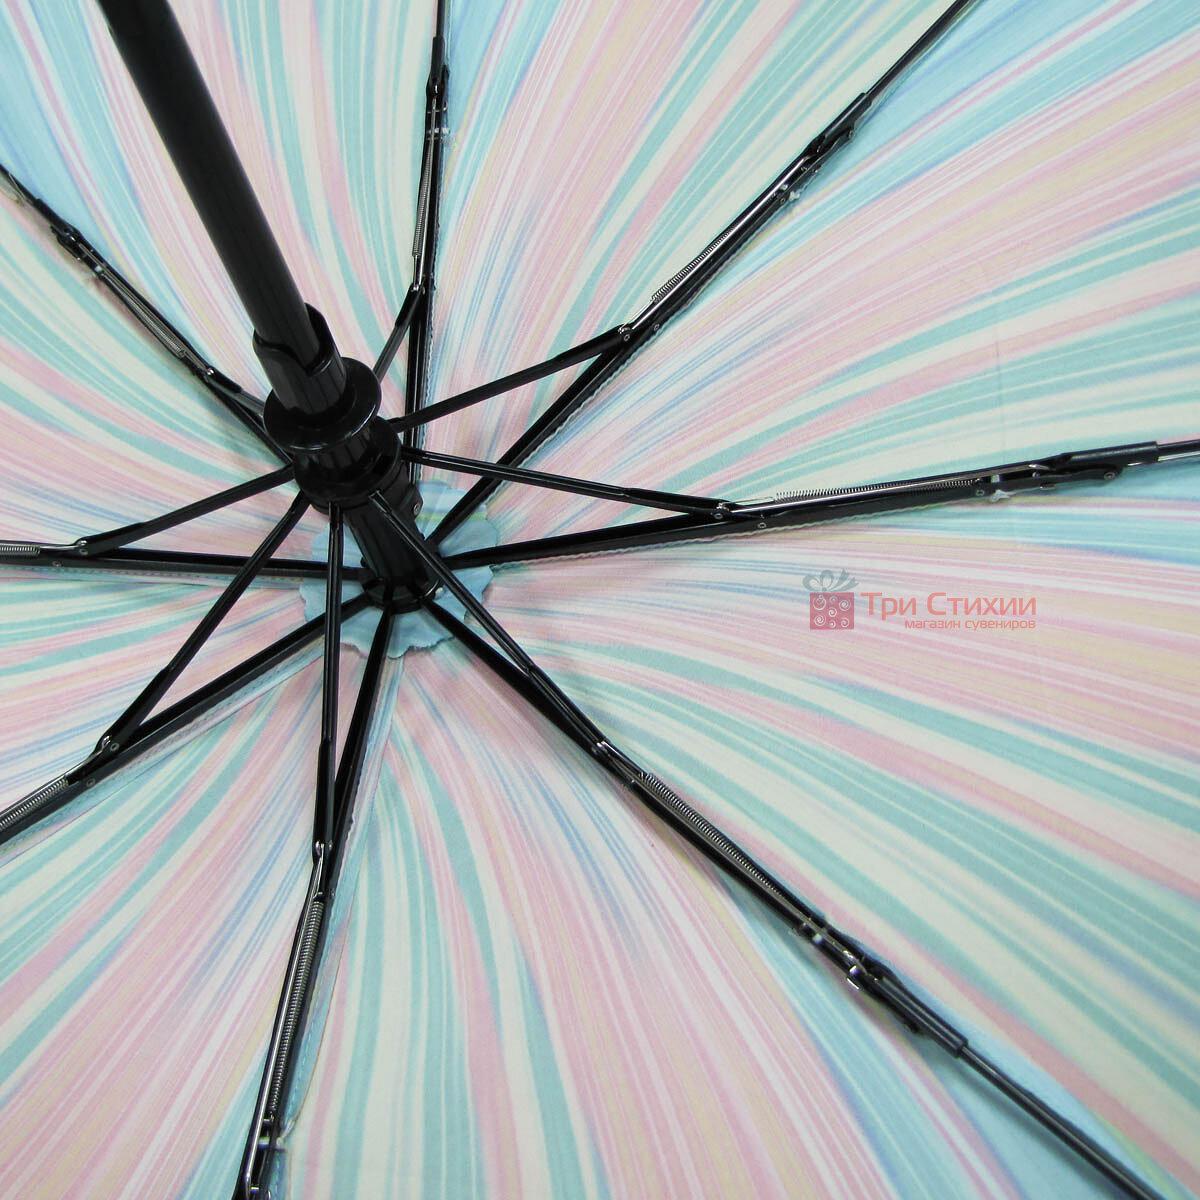 Зонт складной Doppler Carbonsteel 744865F01 полный автомат Зелено-голубой, фото 4